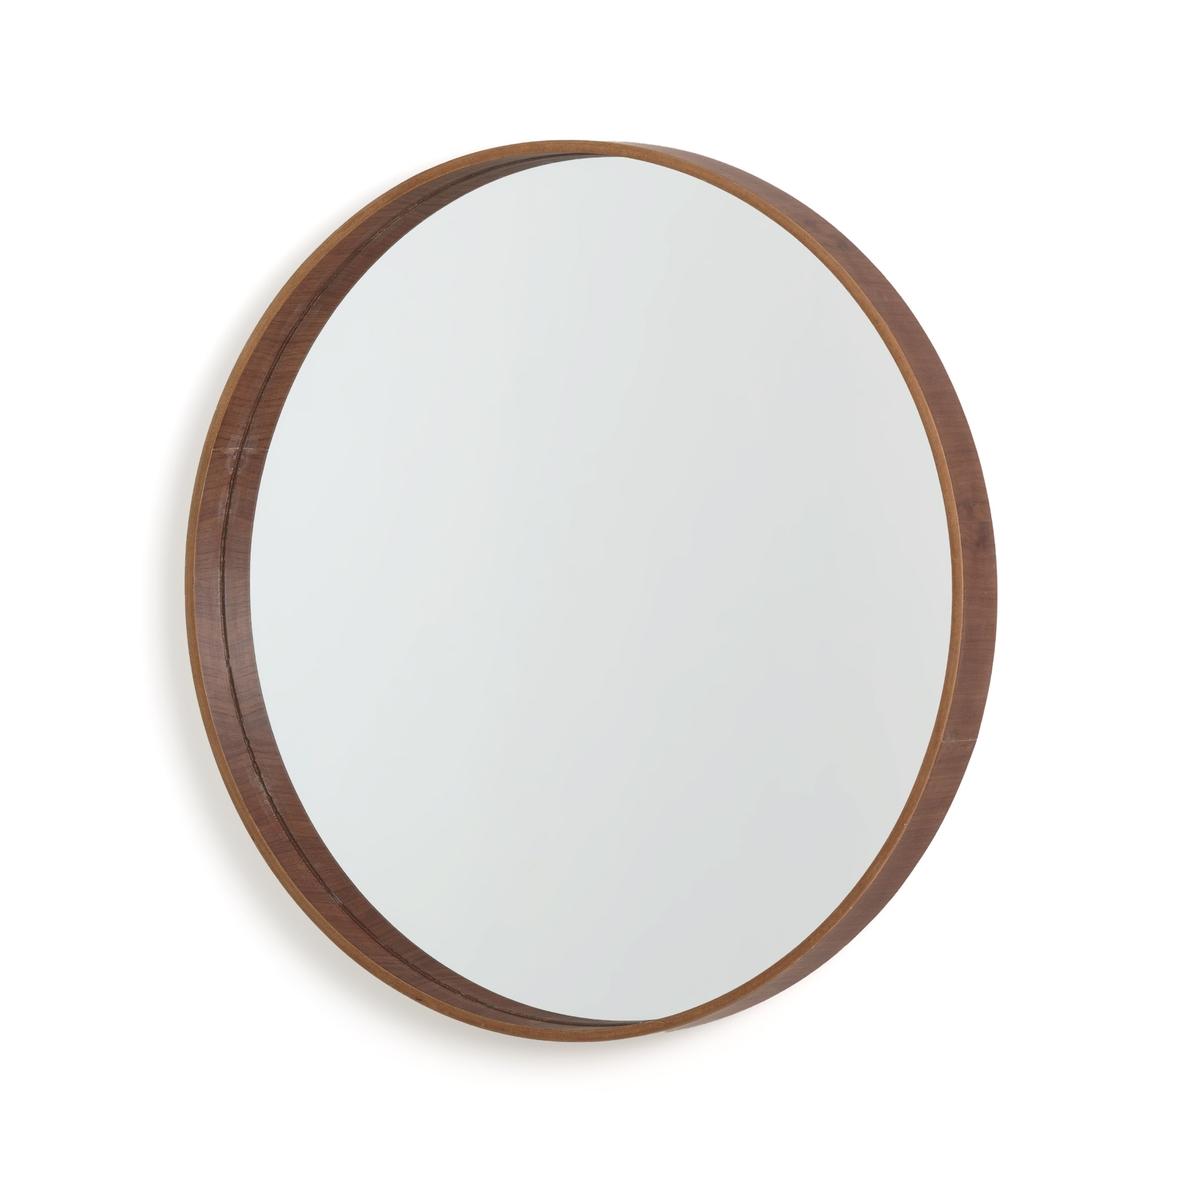 Фото - Зеркало LaRedoute Круглое ALARIA единый размер каштановый зеркало психея la redoute с рамкой из массива орехового дерева zindlo единый размер каштановый